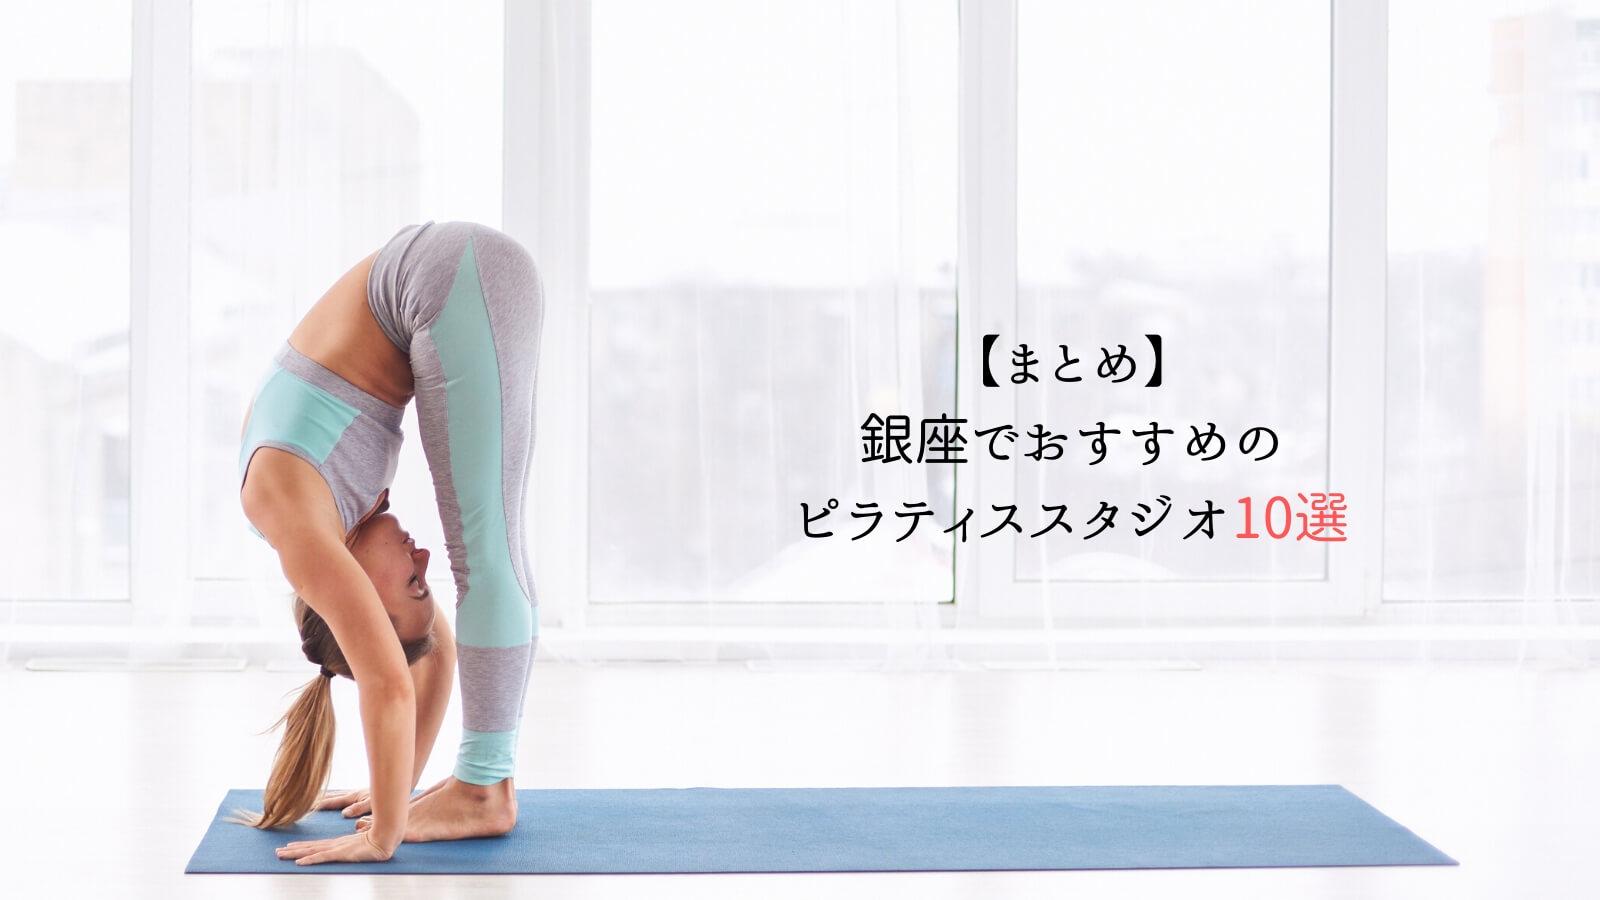 【まとめ】銀座でおすすめのピラティススタジオ10選